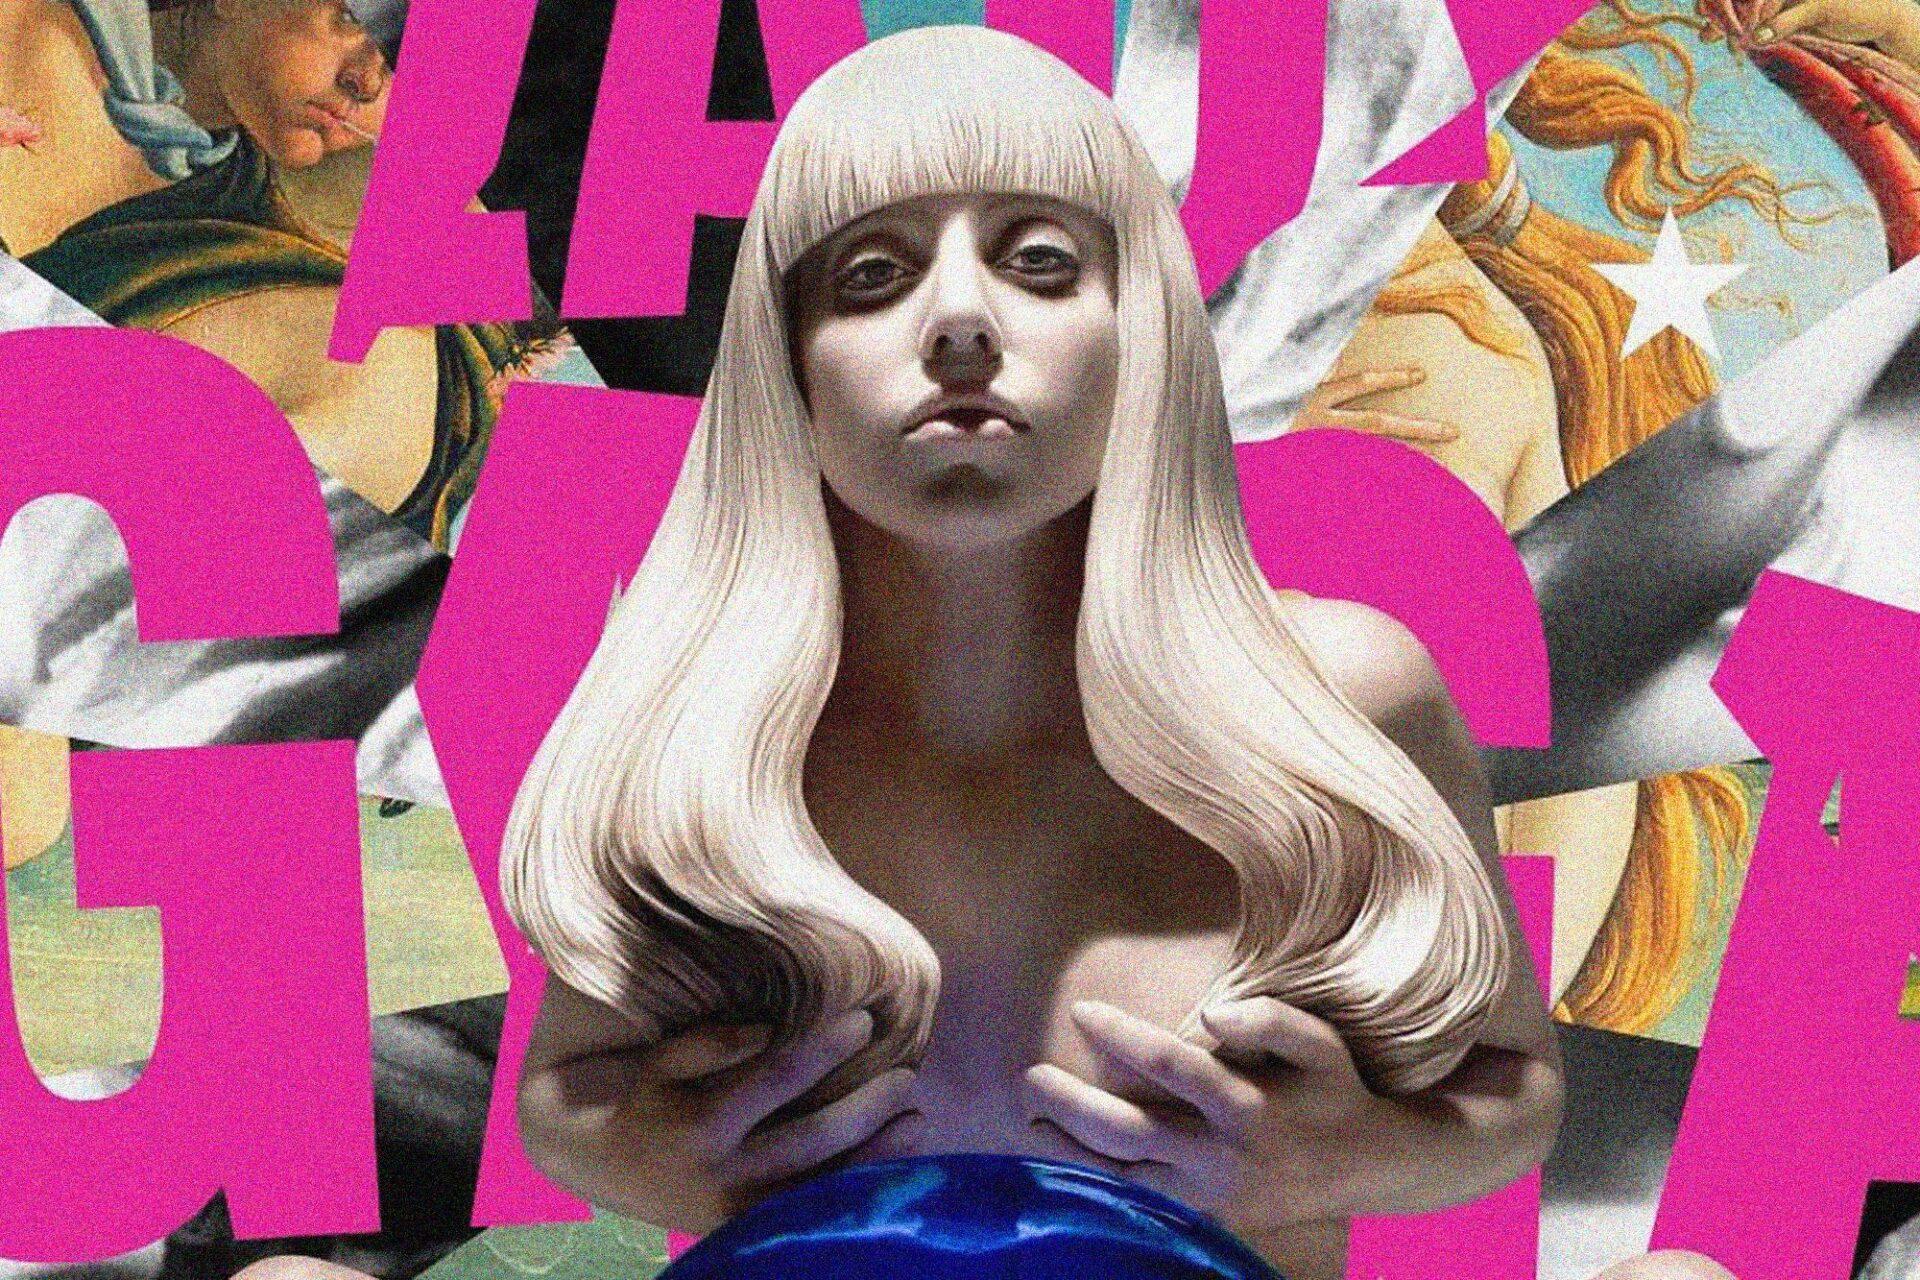 Artpop: Khi Lady Gaga chơi cùng nhạc pop.